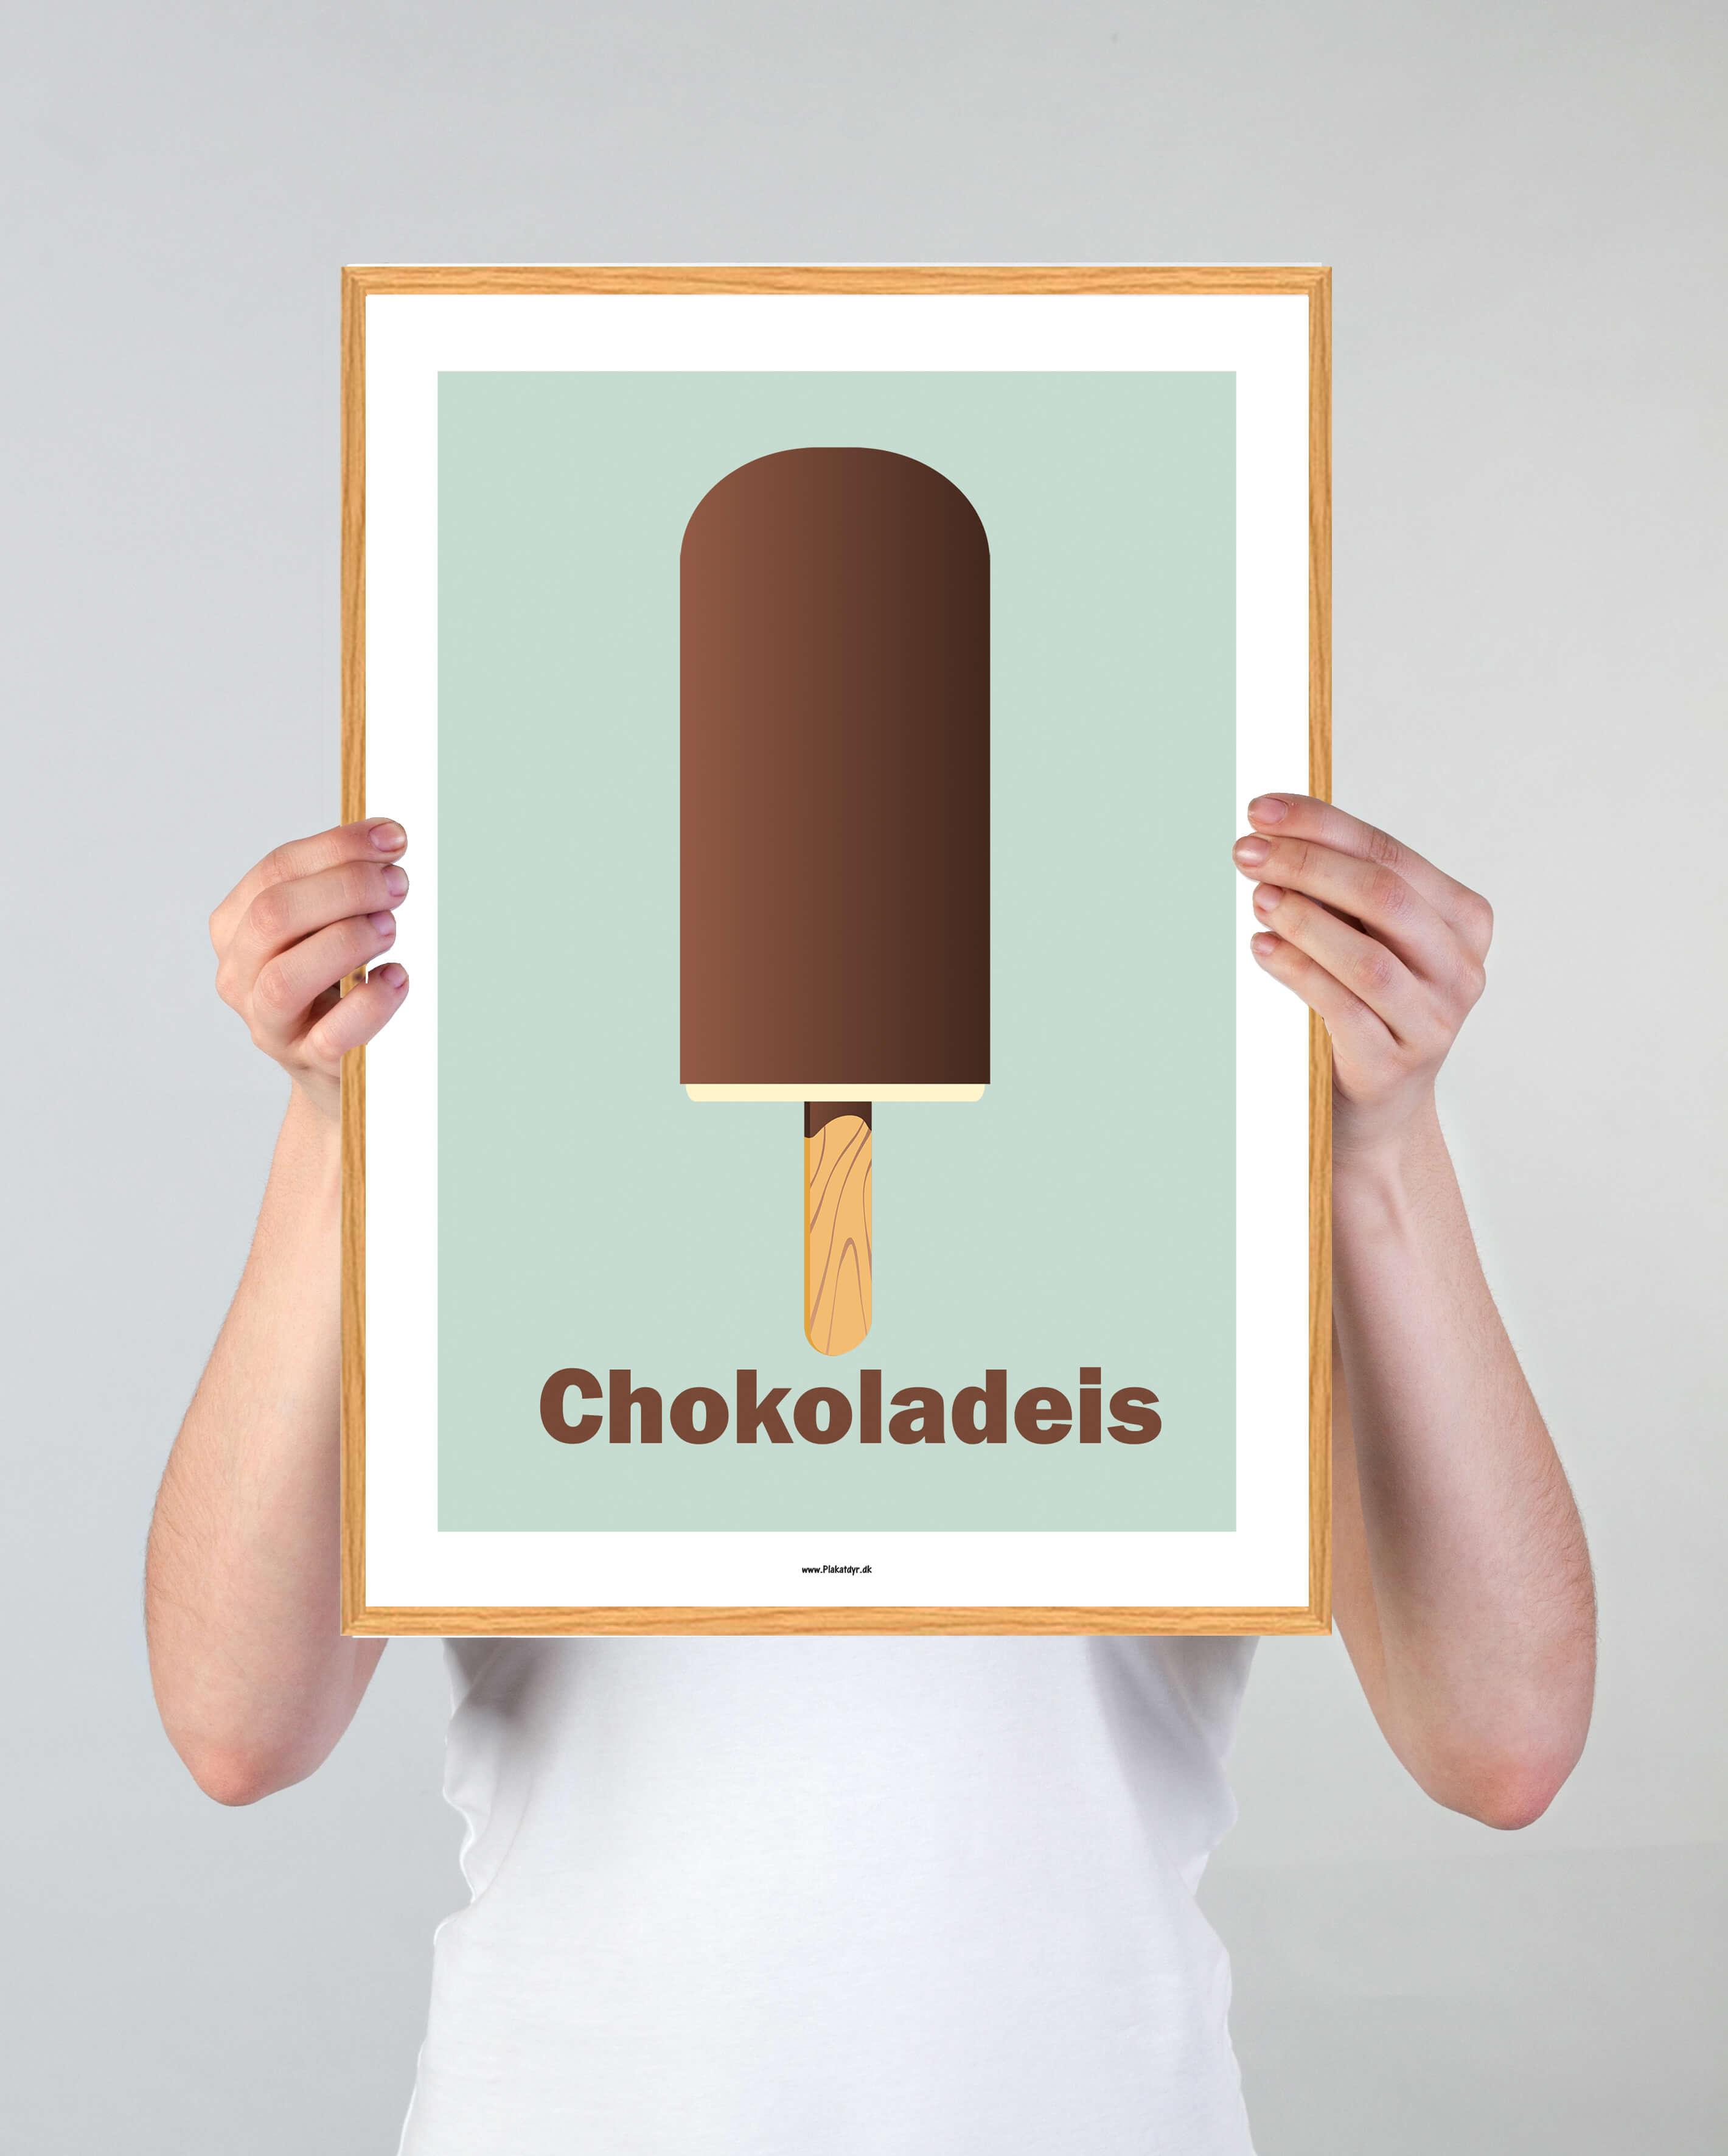 chokolade-is-blaa